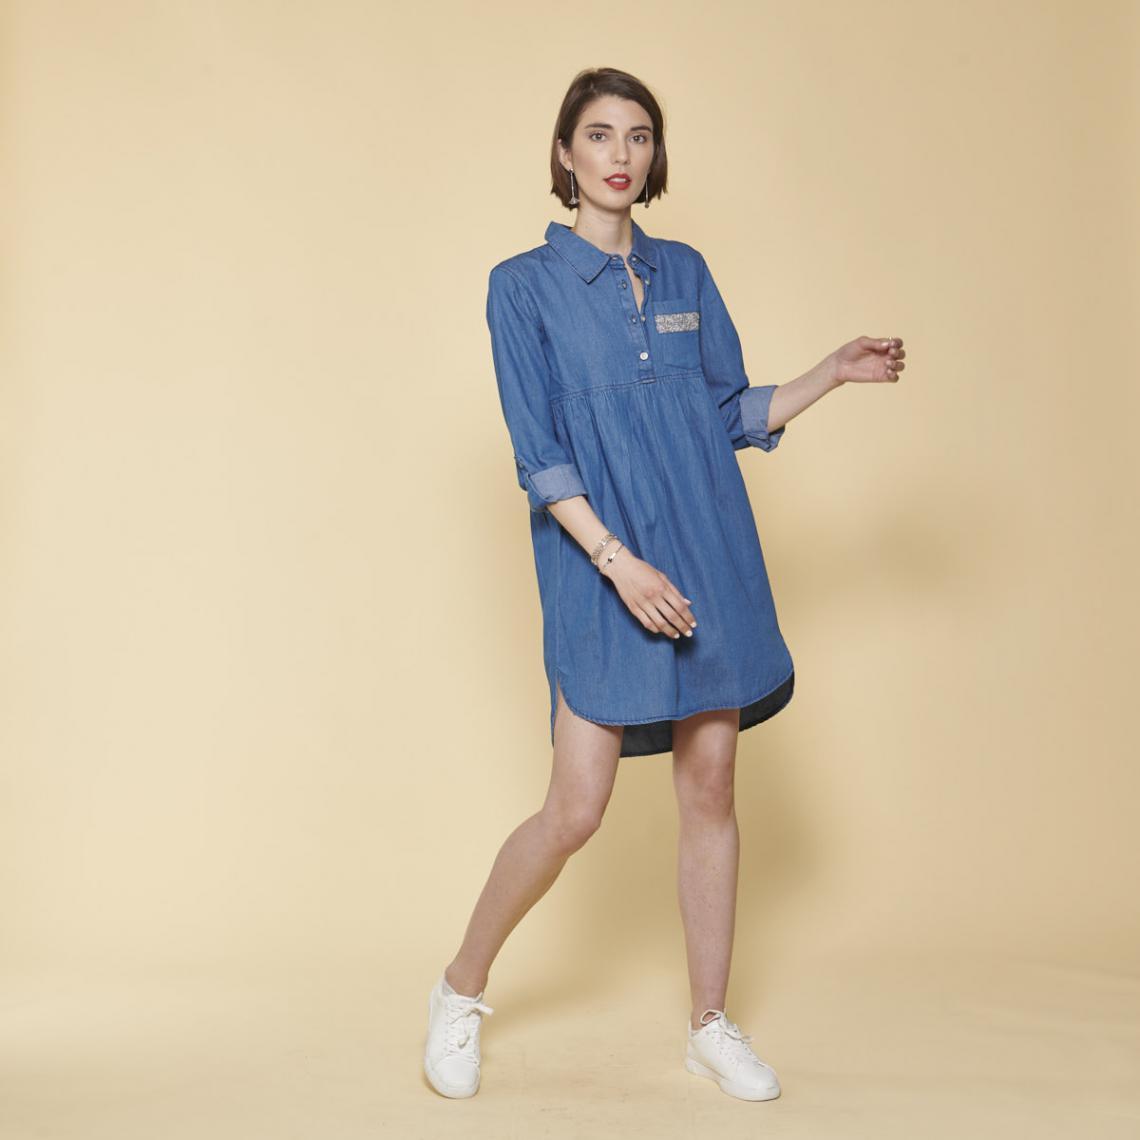 d1082b40cb9 Robe courte en jean asymétrique manches longues et fronces femme - Bleu 3  SUISSES Femme